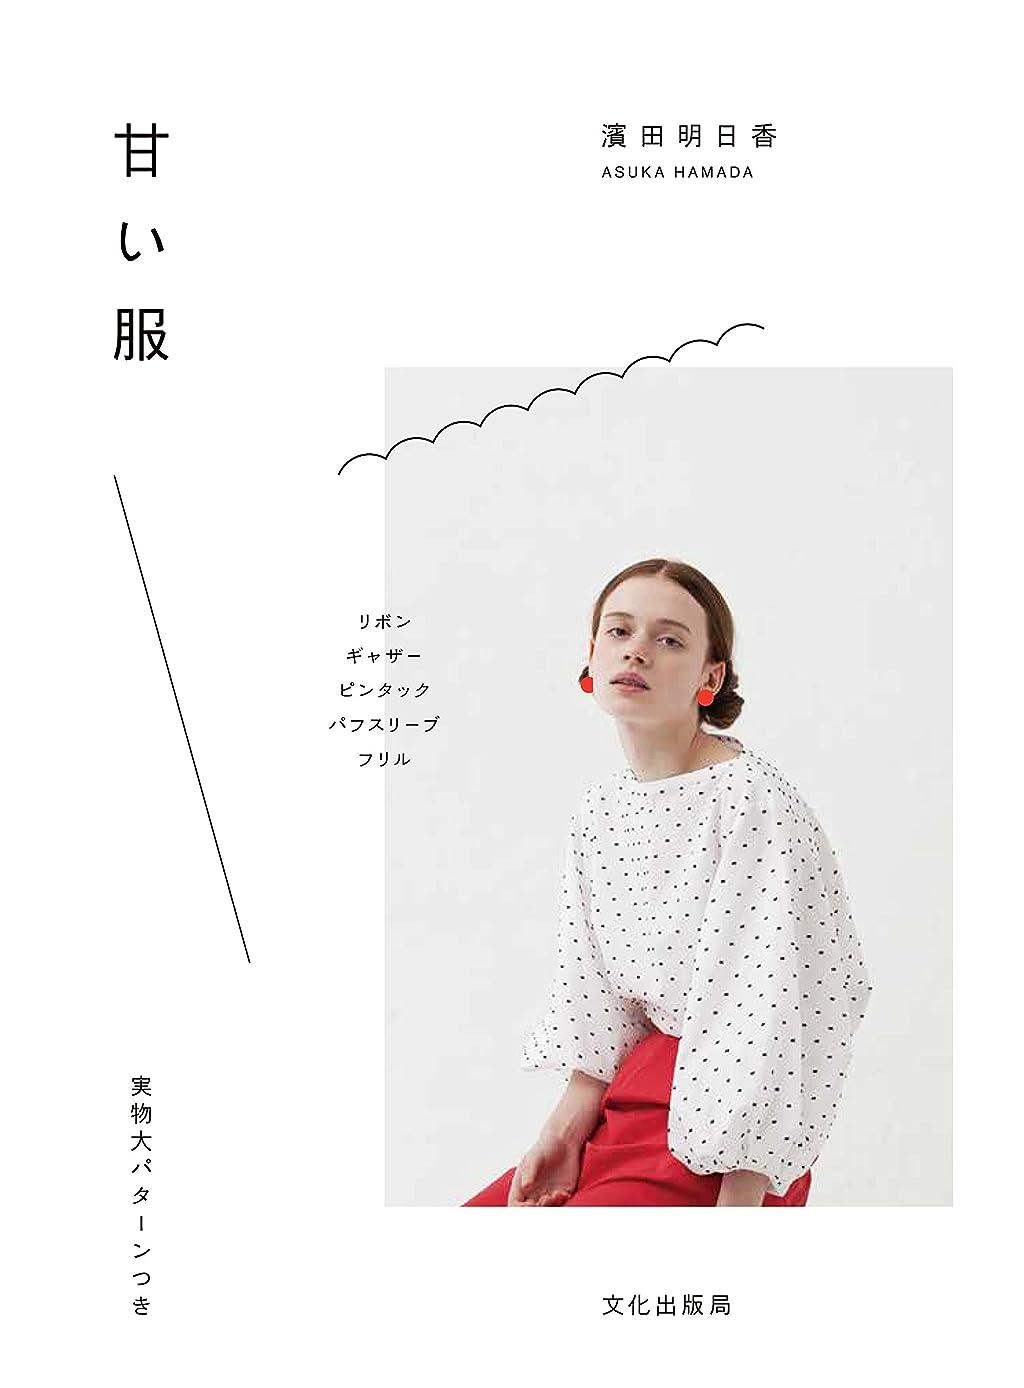 銃殉教者中絶誌上?パターン塾 Vol.2 スカート編 (文化出版局MOOKシリーズ)